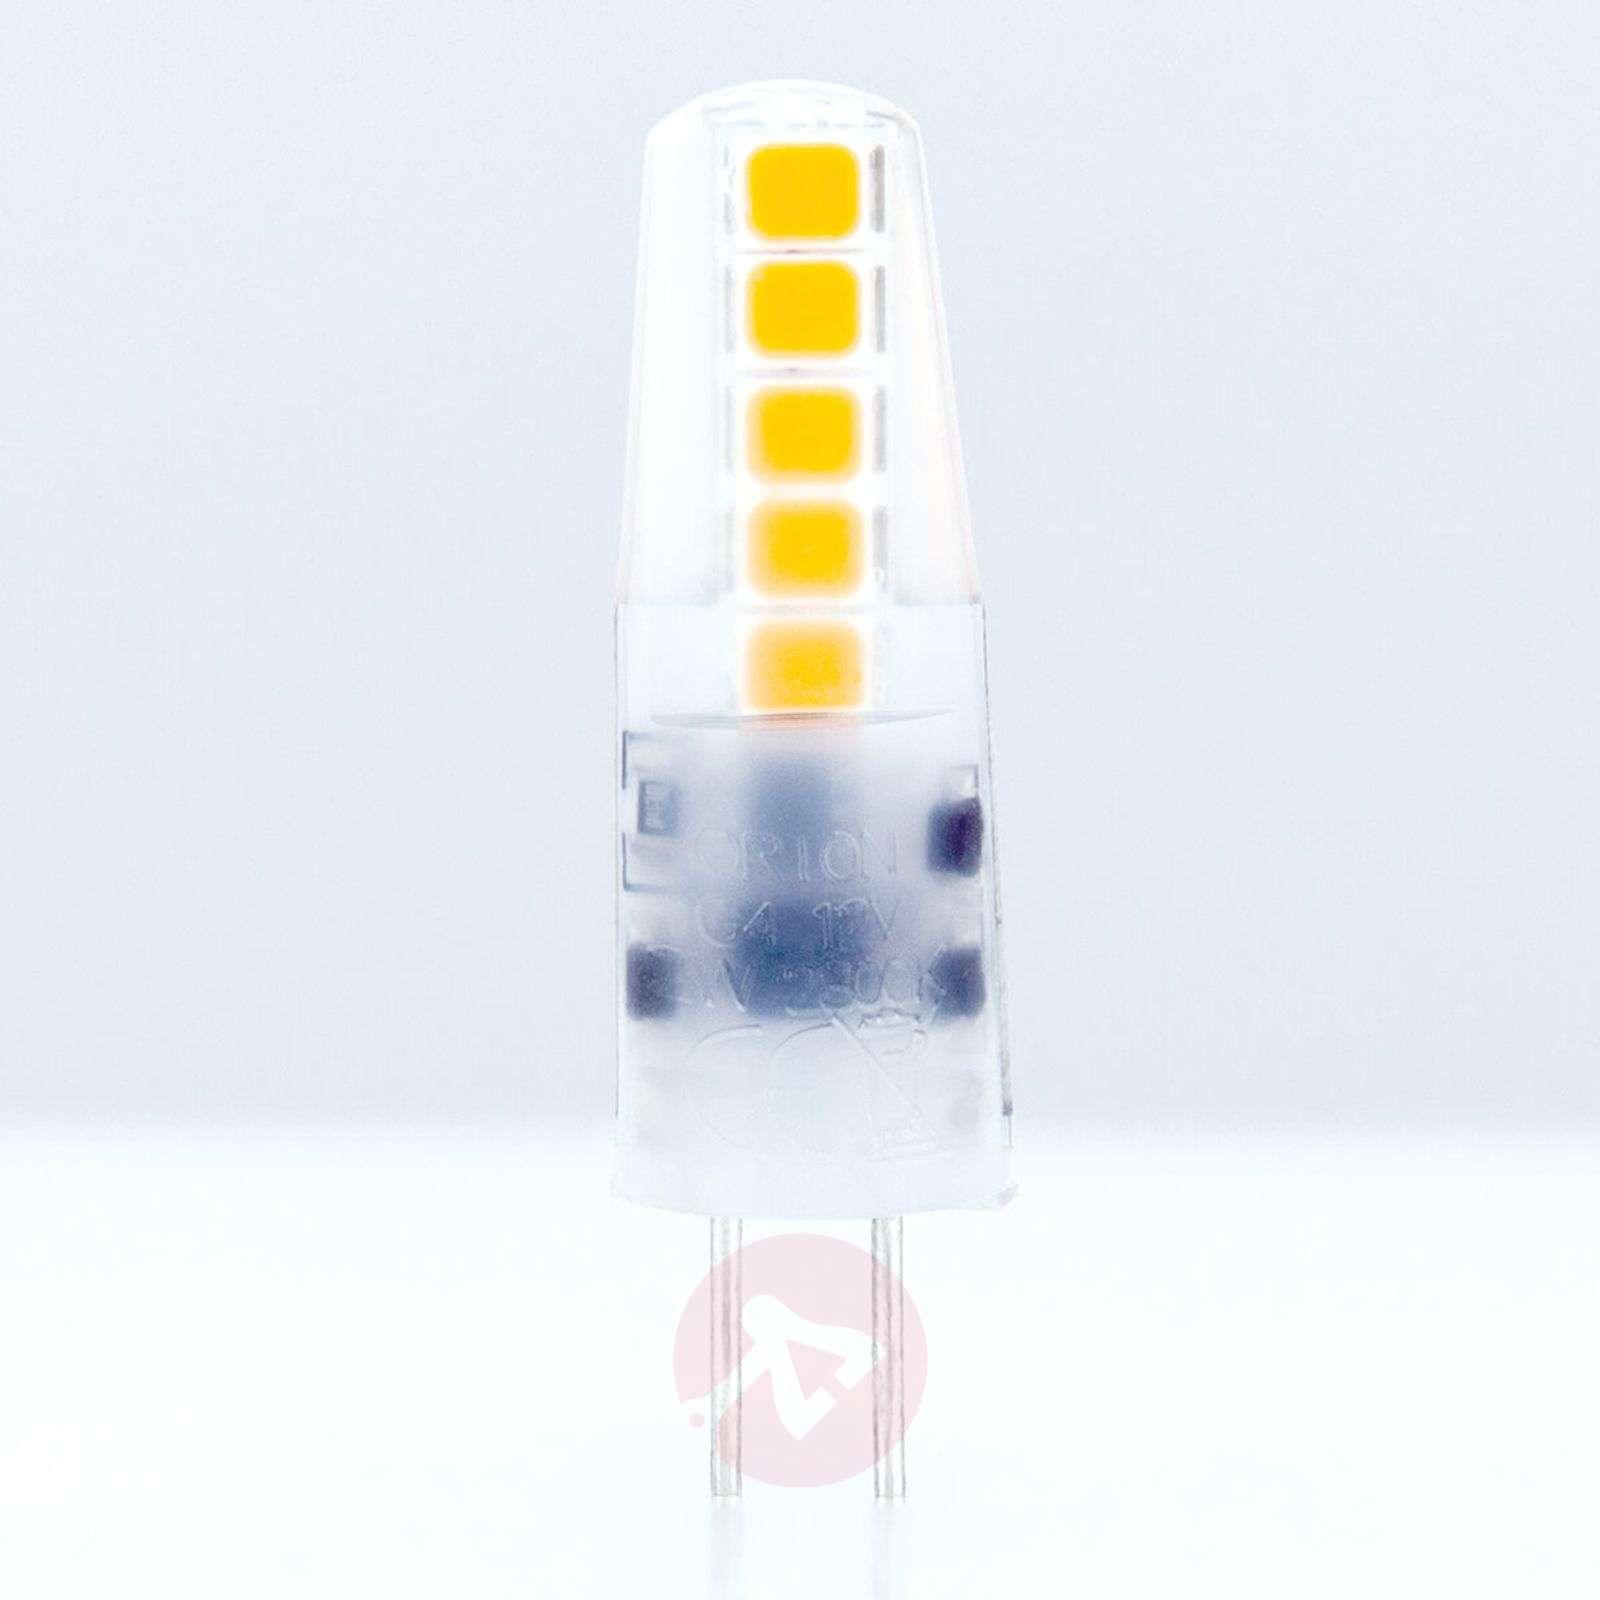 LED-kynälamppu G4 12V 2W 828, matta-7255236-01